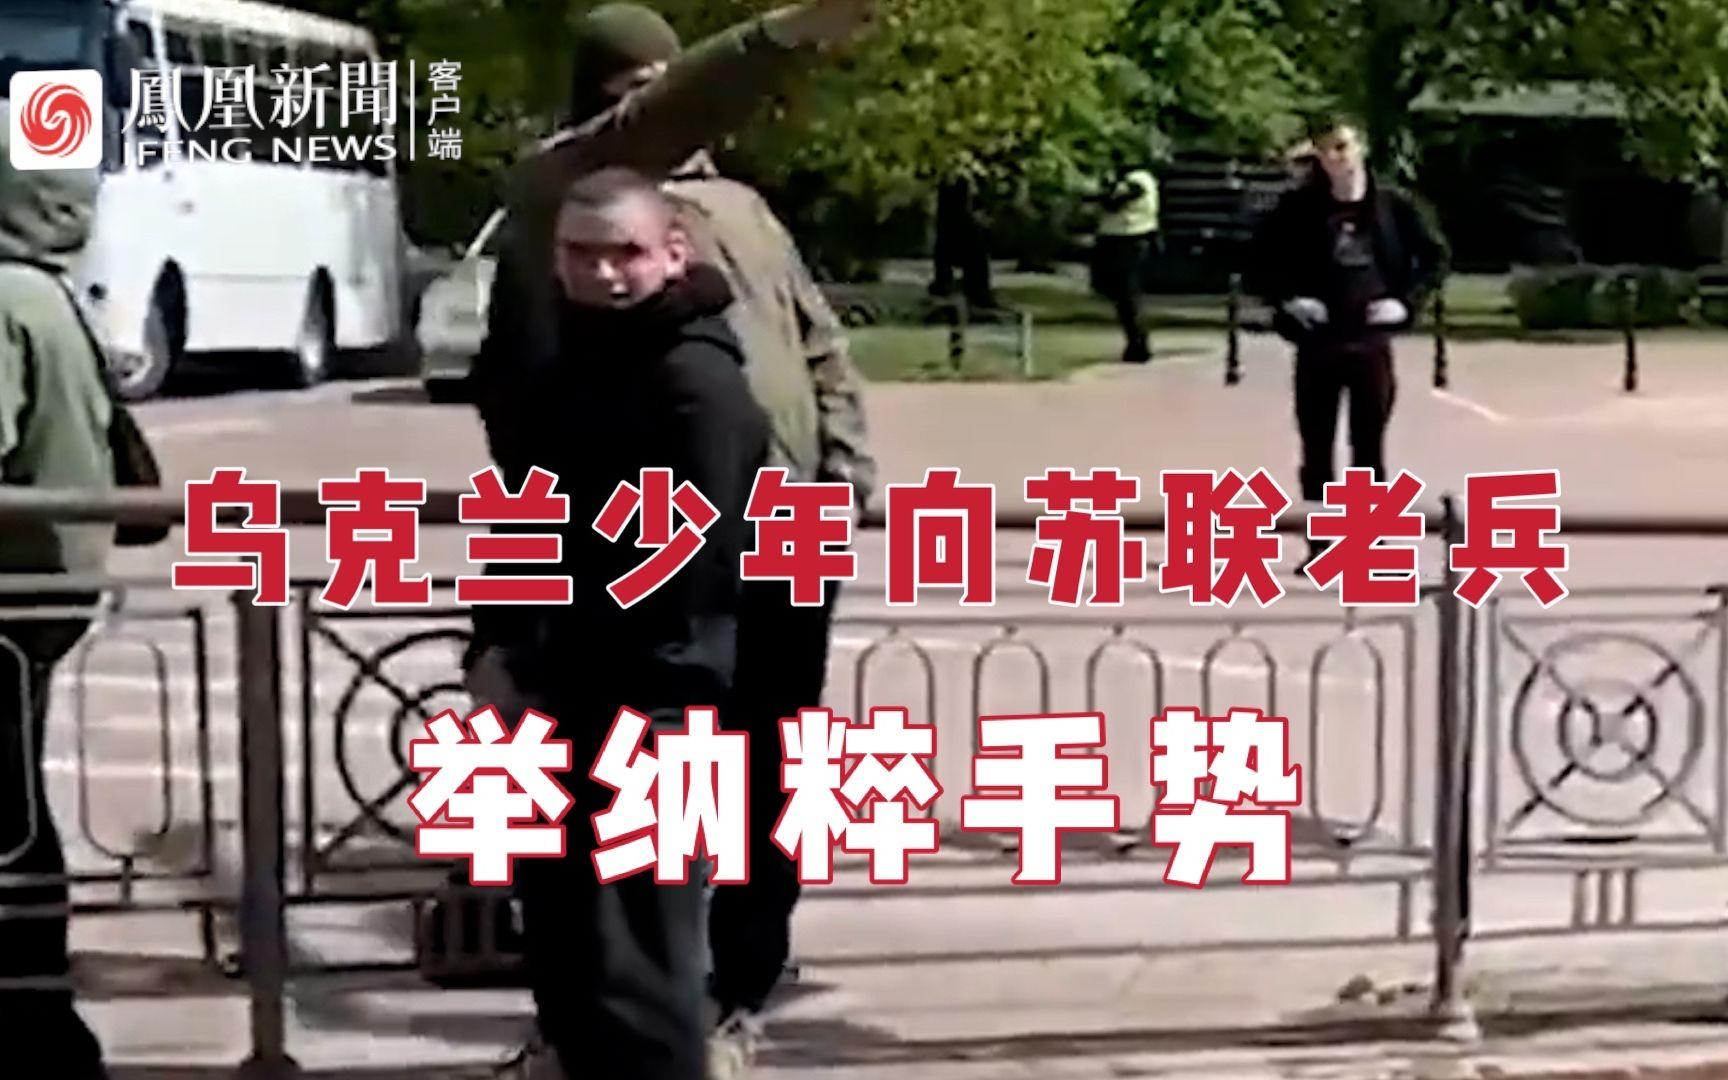 乌克兰少年向苏联老兵举纳粹手势 ,老兵淡定微笑走过